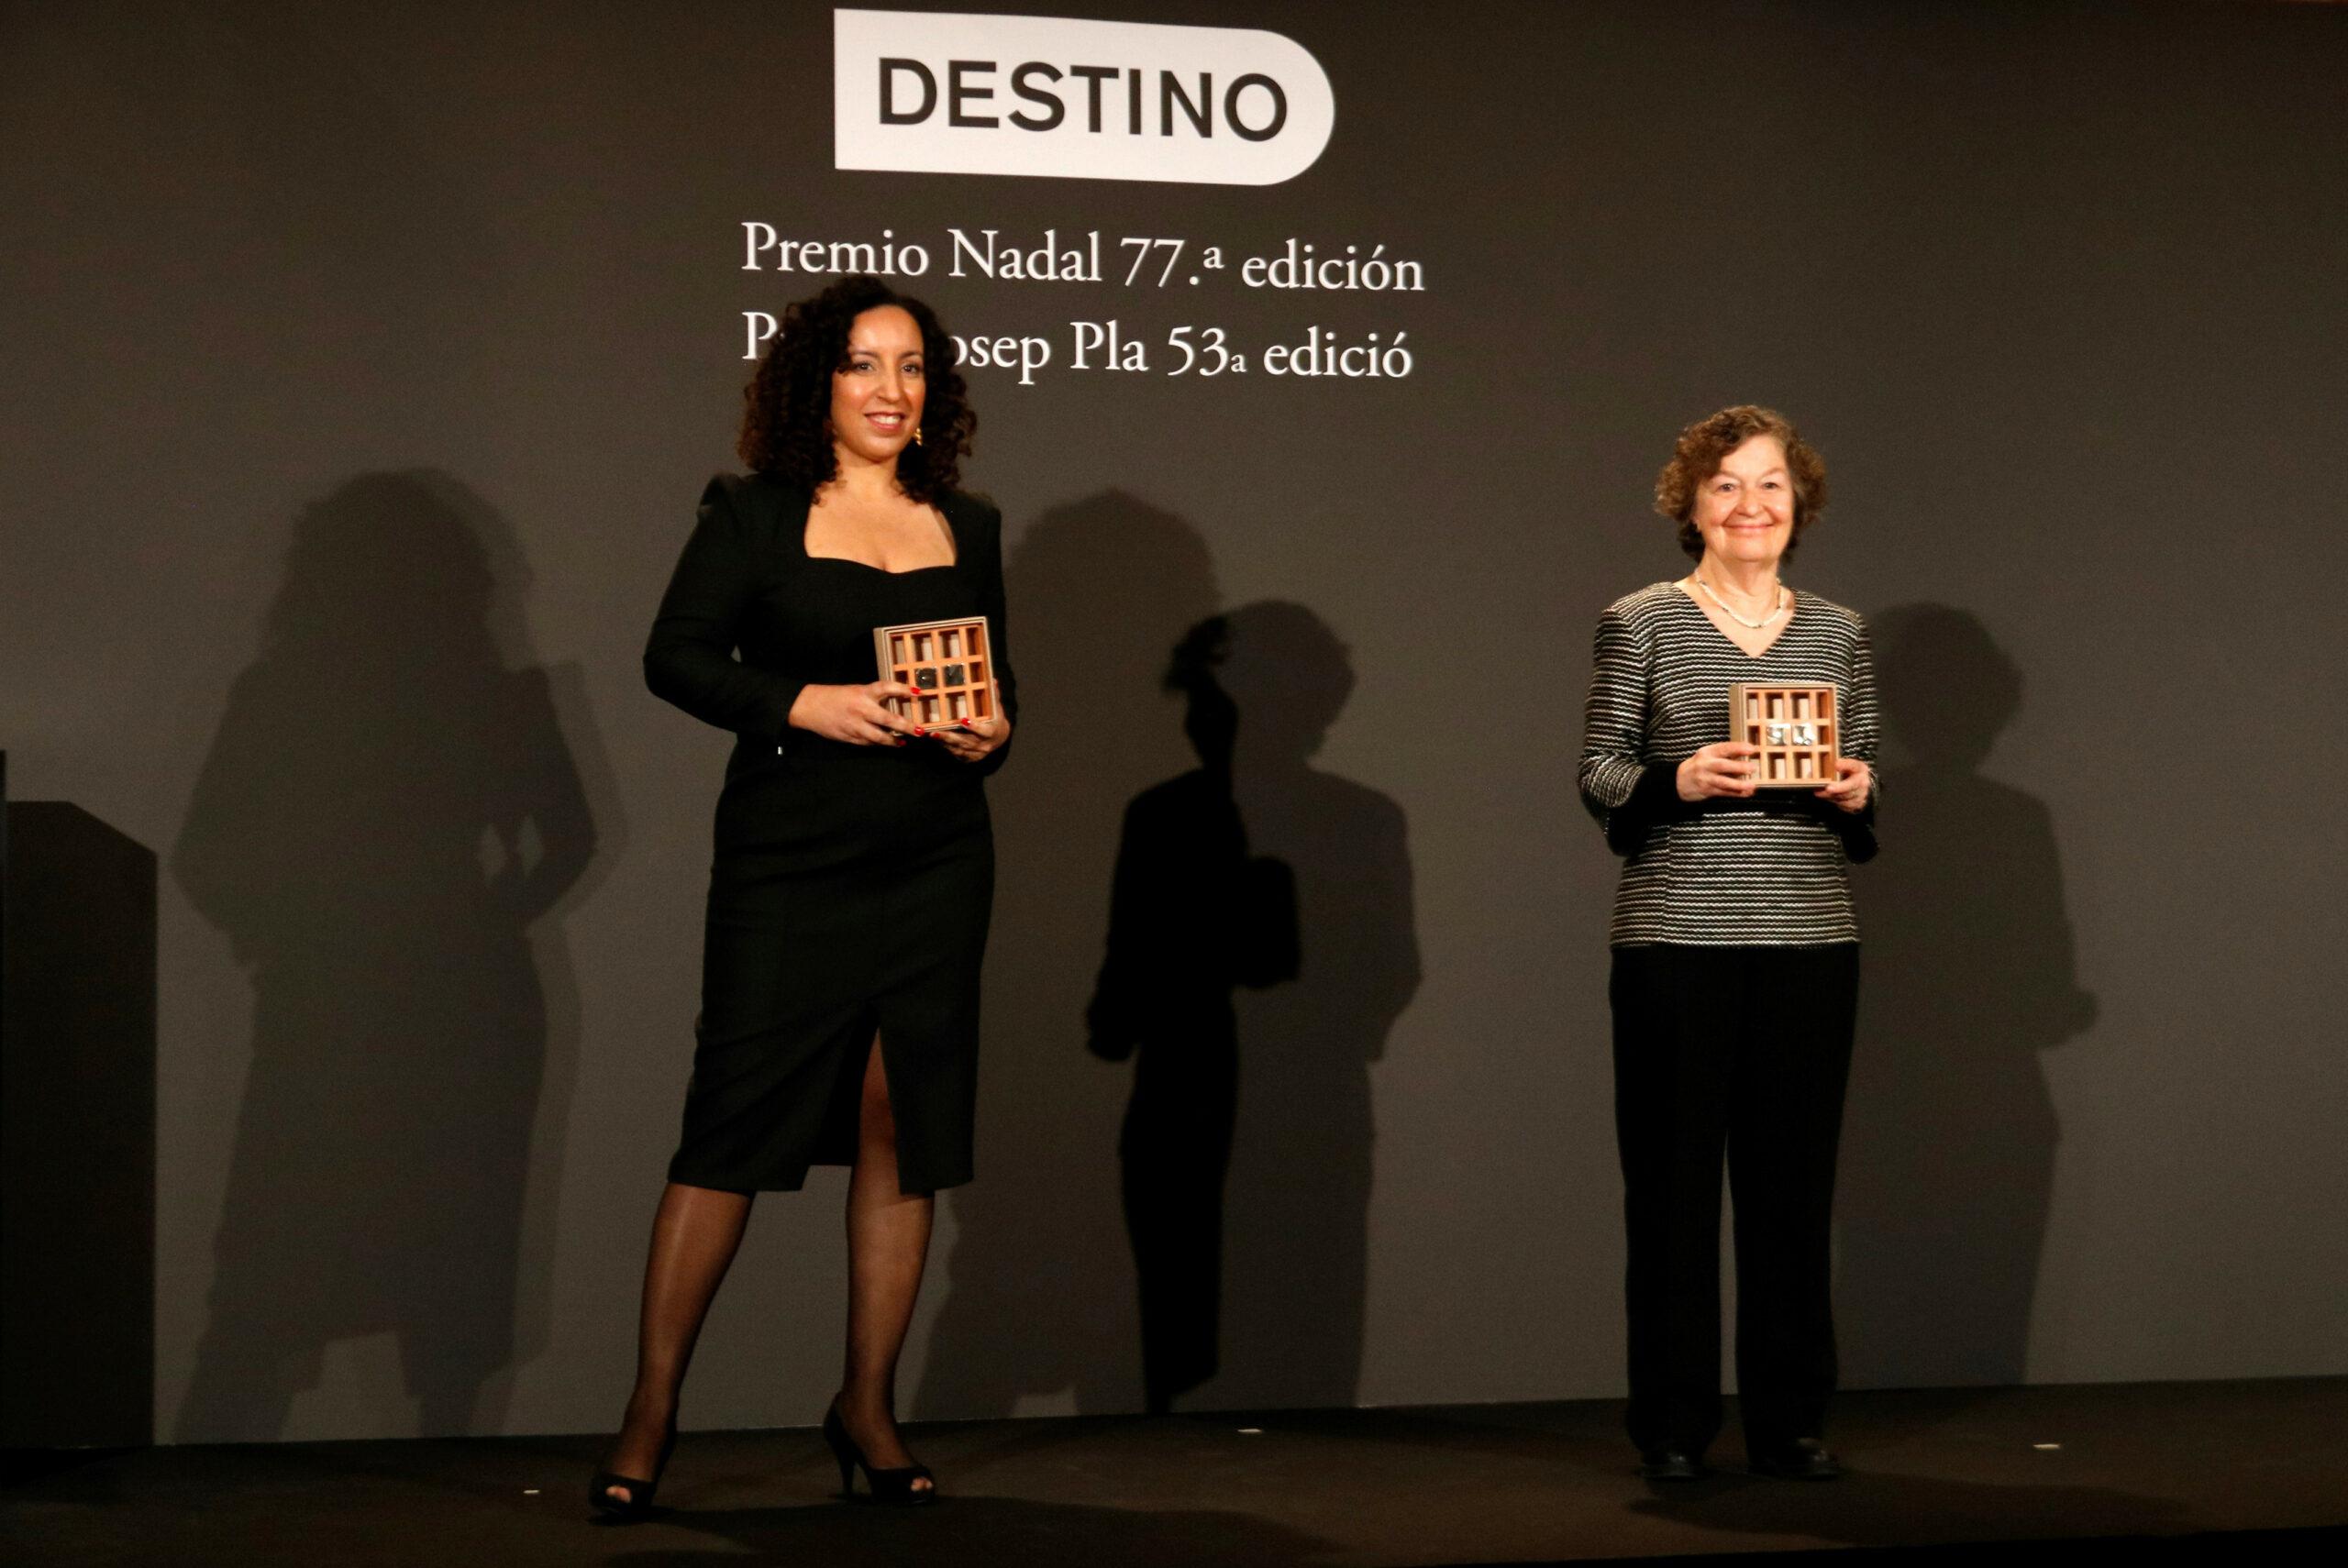 Les guanyadores dels Premis Nadal i Premis Josep Pla, Najat El Hachmi i Maria Barbal, mostrant el guardó | ACN